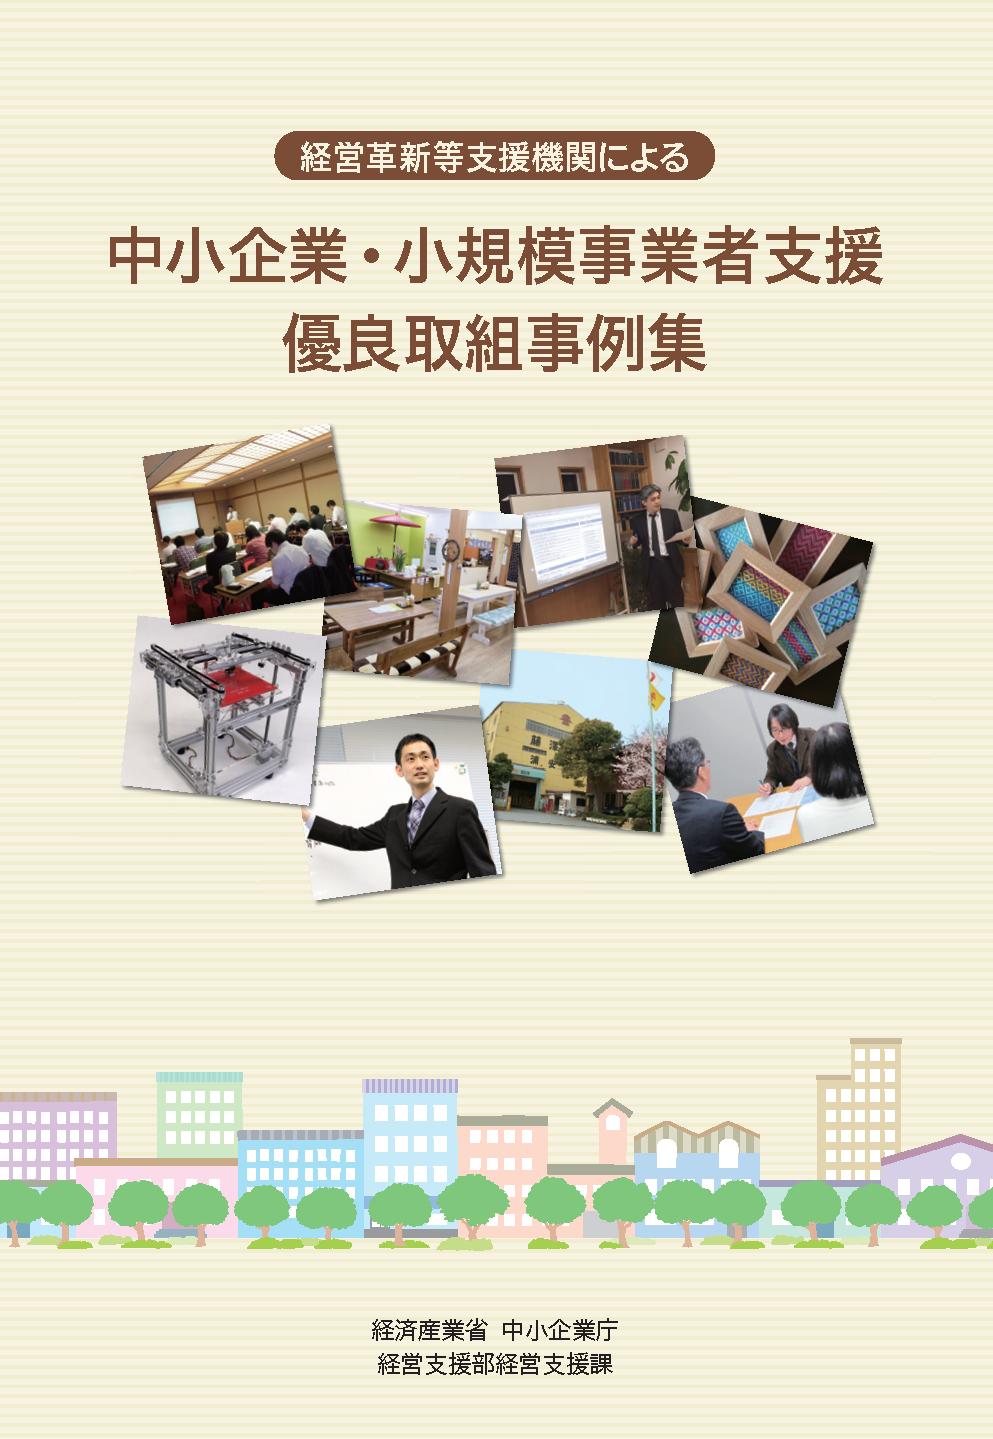 中小企業庁の優良取組事例に選ばれました。